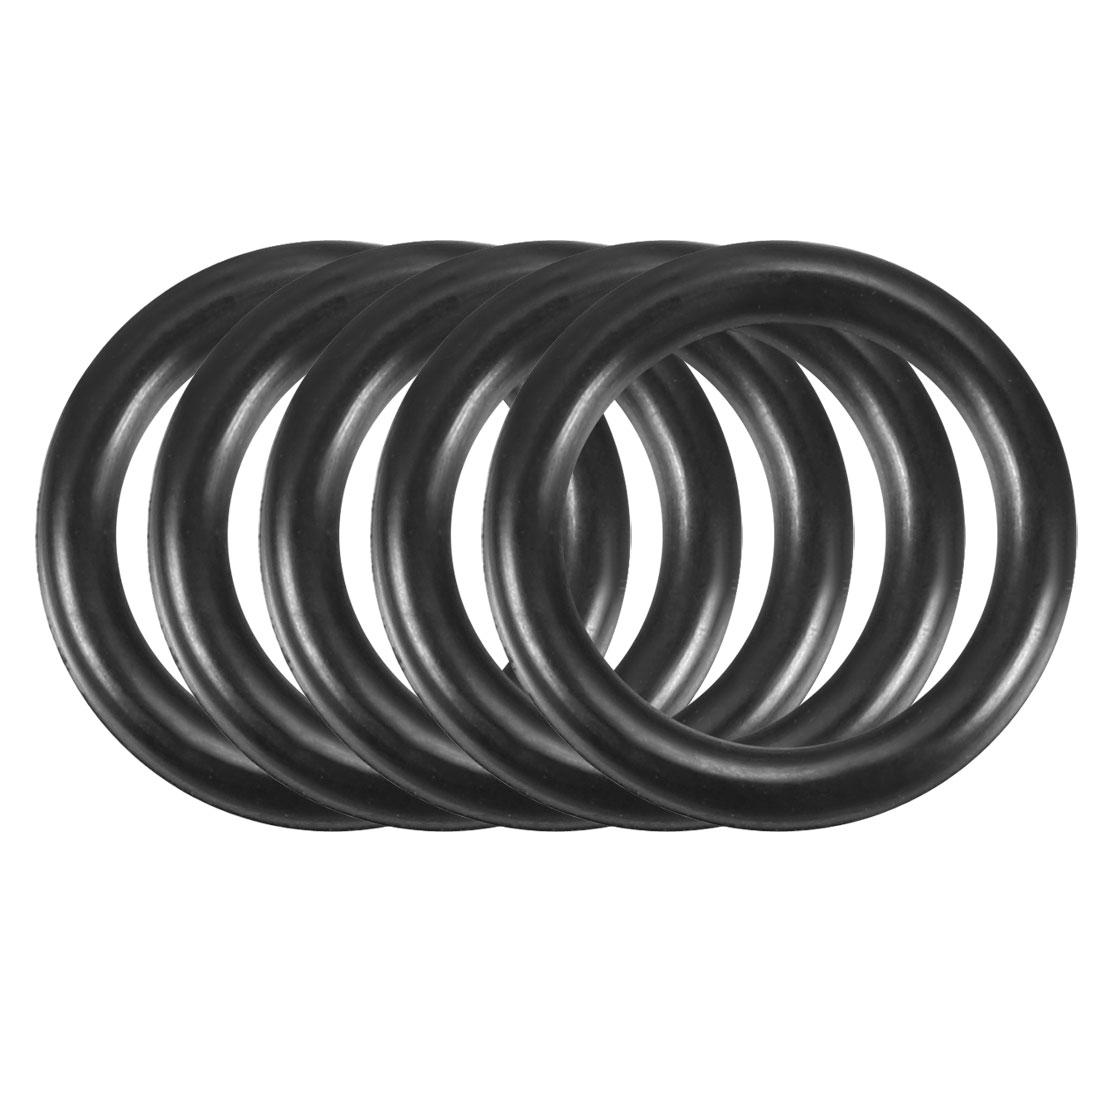 50pcs Black Nitrile Butadiene Rubber NBR O-Ring 9.8mm Inner Dia 1.9mm Width